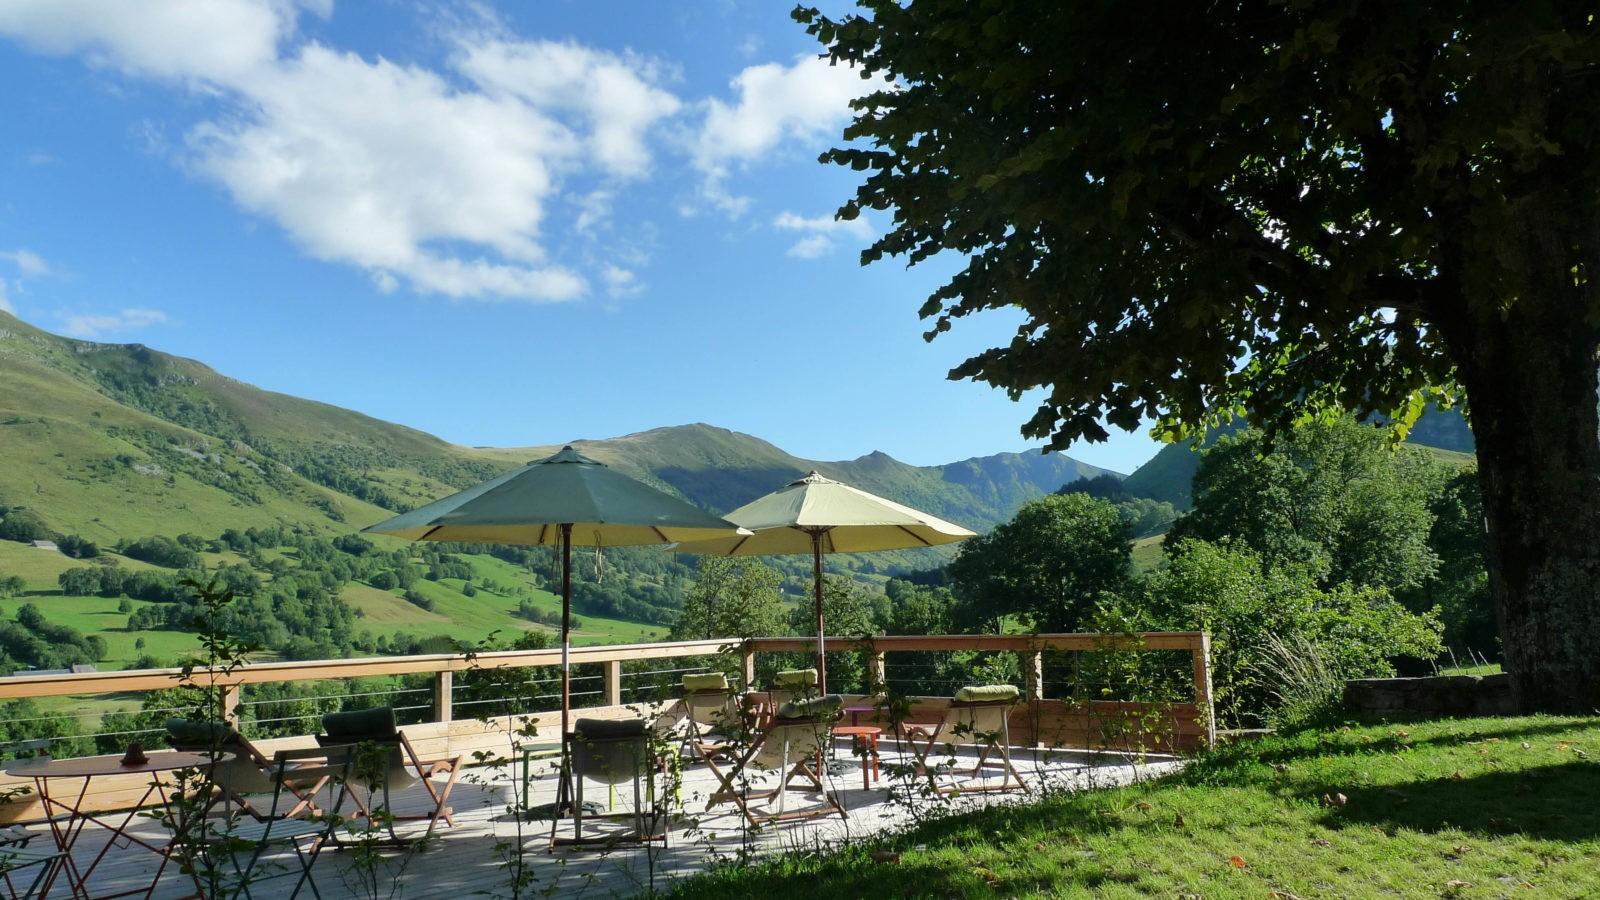 Profitez de la vue sur la terrasse du café gourmand. Photo ©Alta Terra